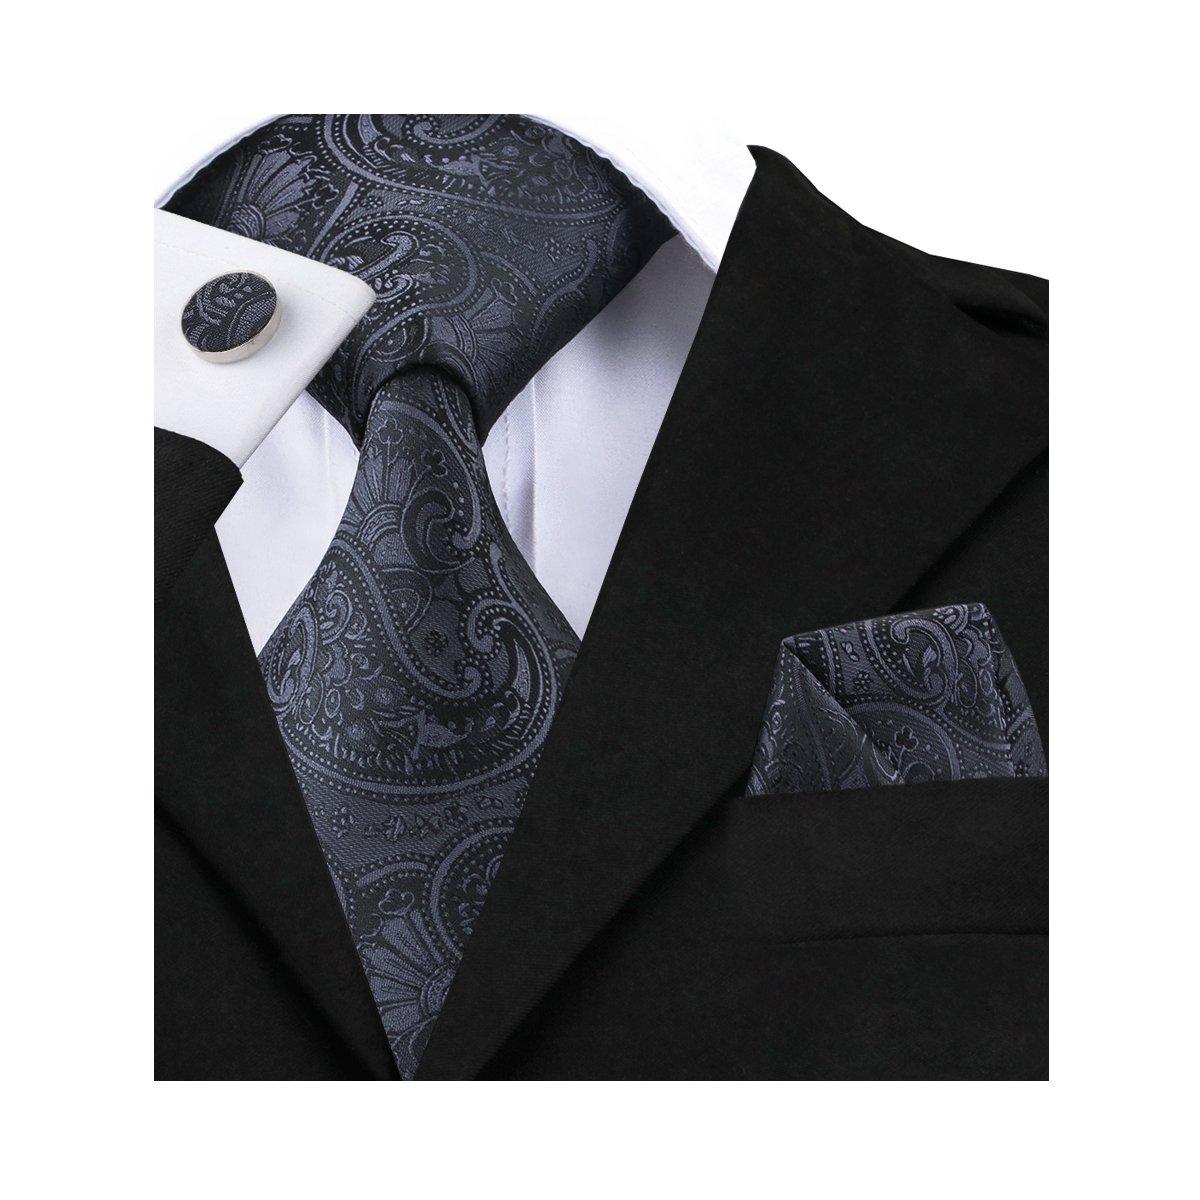 Barry.Wang Solid Black Tie Set Hanky Cufflinks Business Funeral Necktie